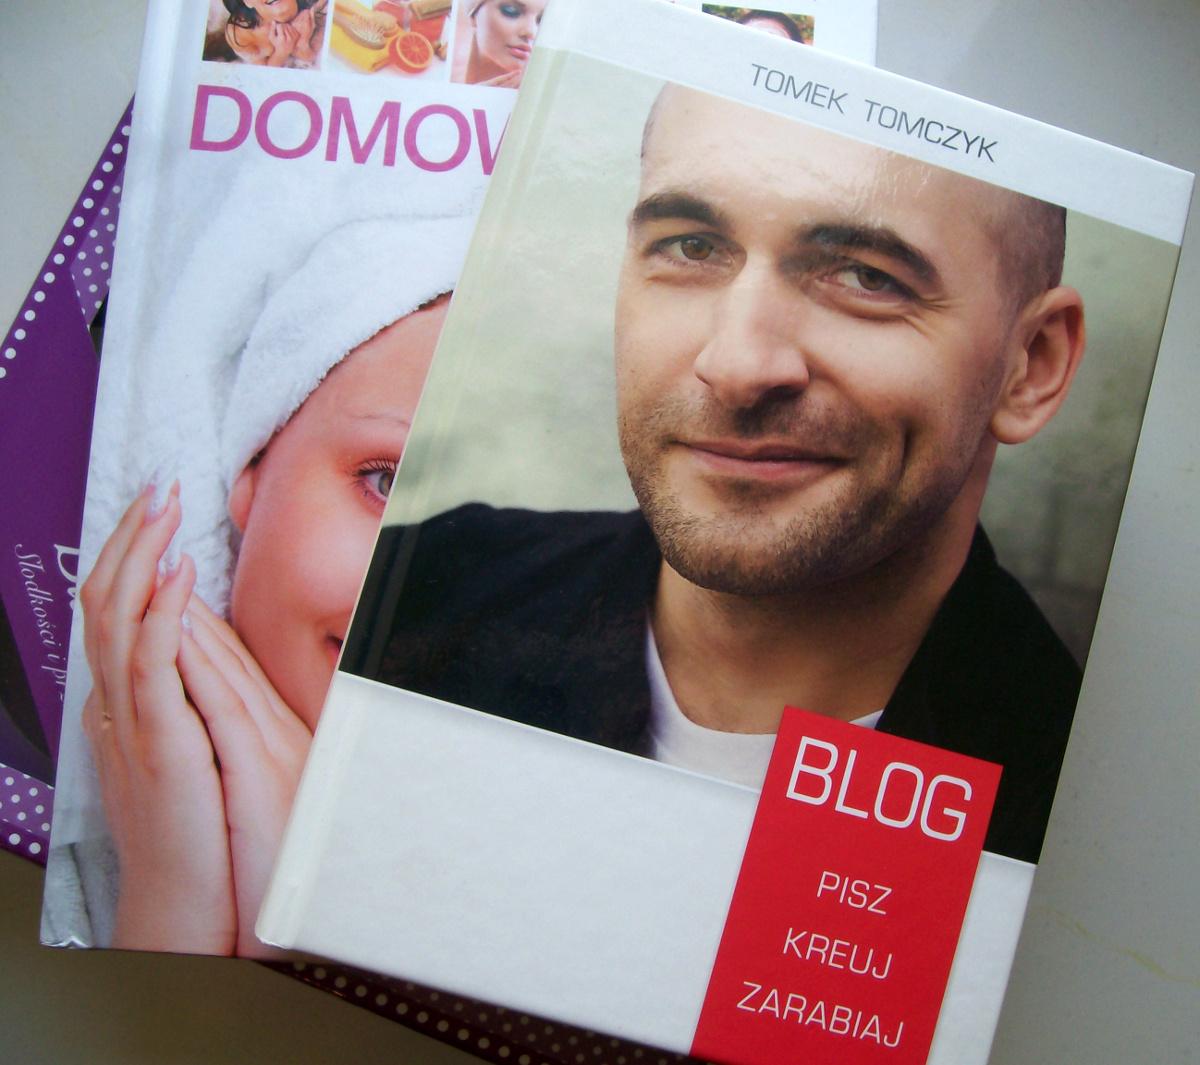 Książka o blogowaniu